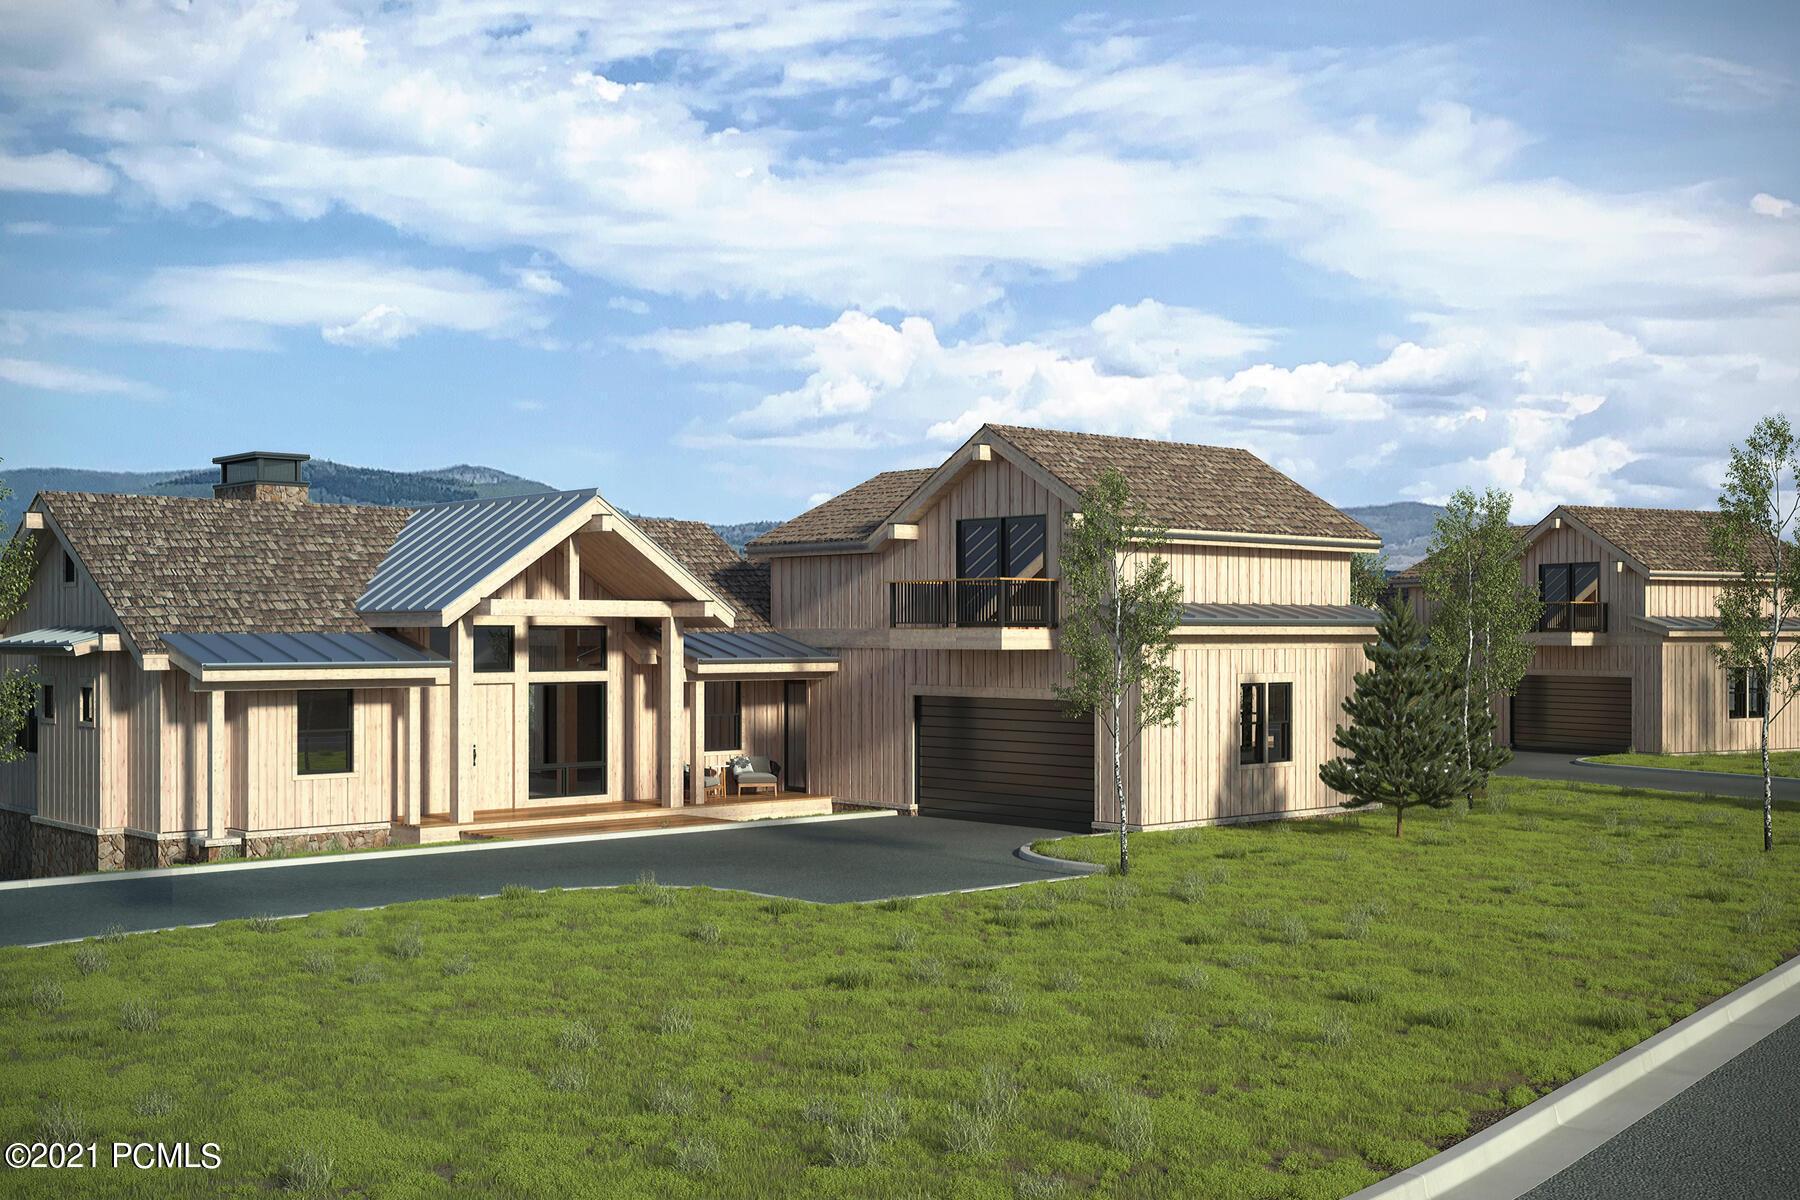 7785 Stardust Ct #322c, 5.19, Heber City, Utah 84032, 5 Bedrooms Bedrooms, ,6 BathroomsBathrooms,Fractional Interest,For Sale,Stardust Ct #322c, 5.19,12100655